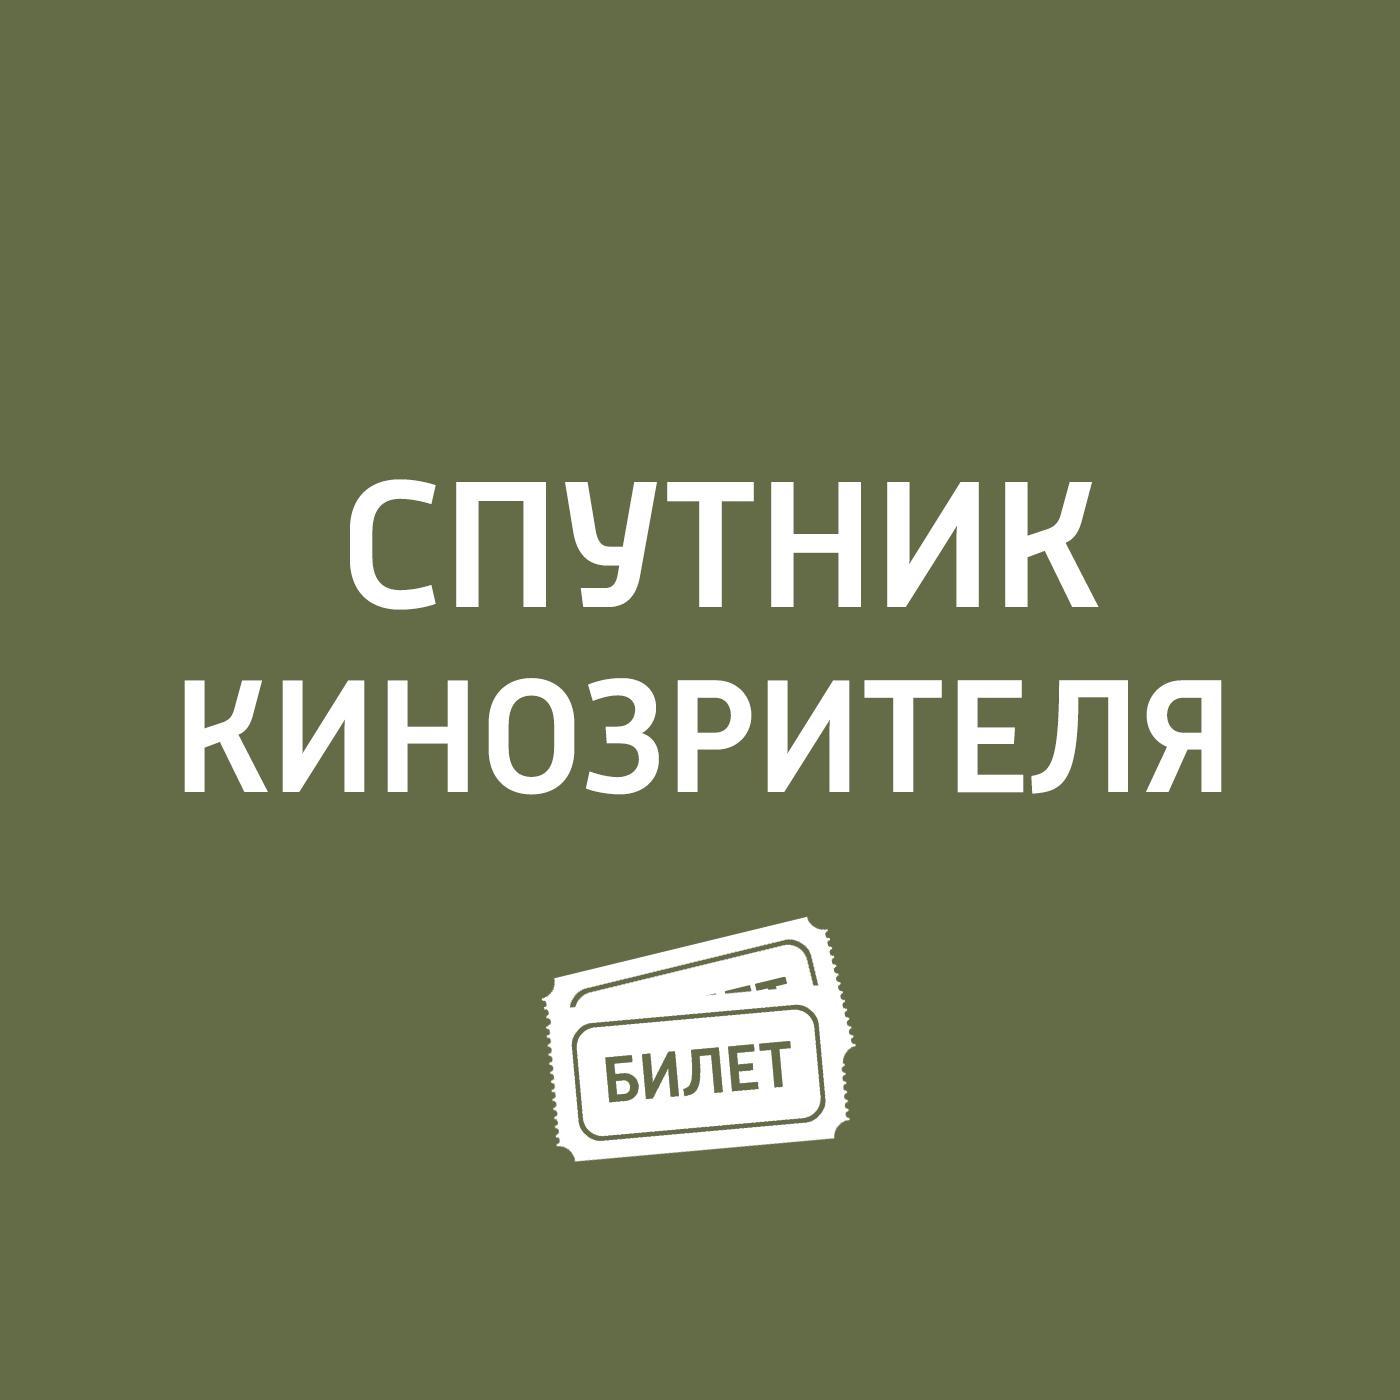 Антон Долин Премьеры. «Пит и его дракон